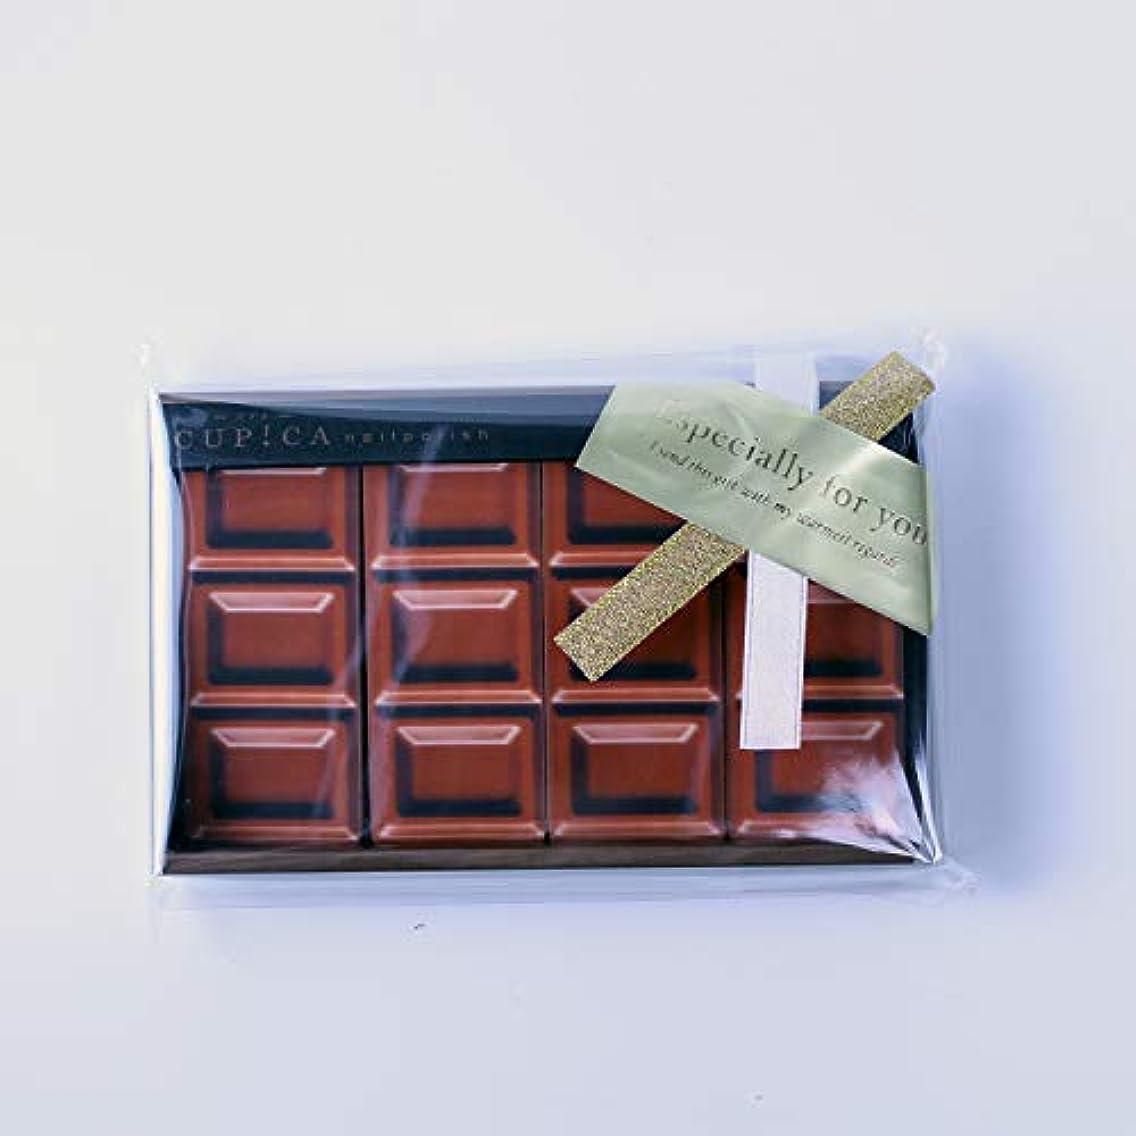 不正直遠近法せがむバレンタイン ホワイトデー ギフト お餞別 チョコのような爪磨き おもしろグッズ アルスキュピカ チョコレート柄 ギフトシール付 クリアケース入